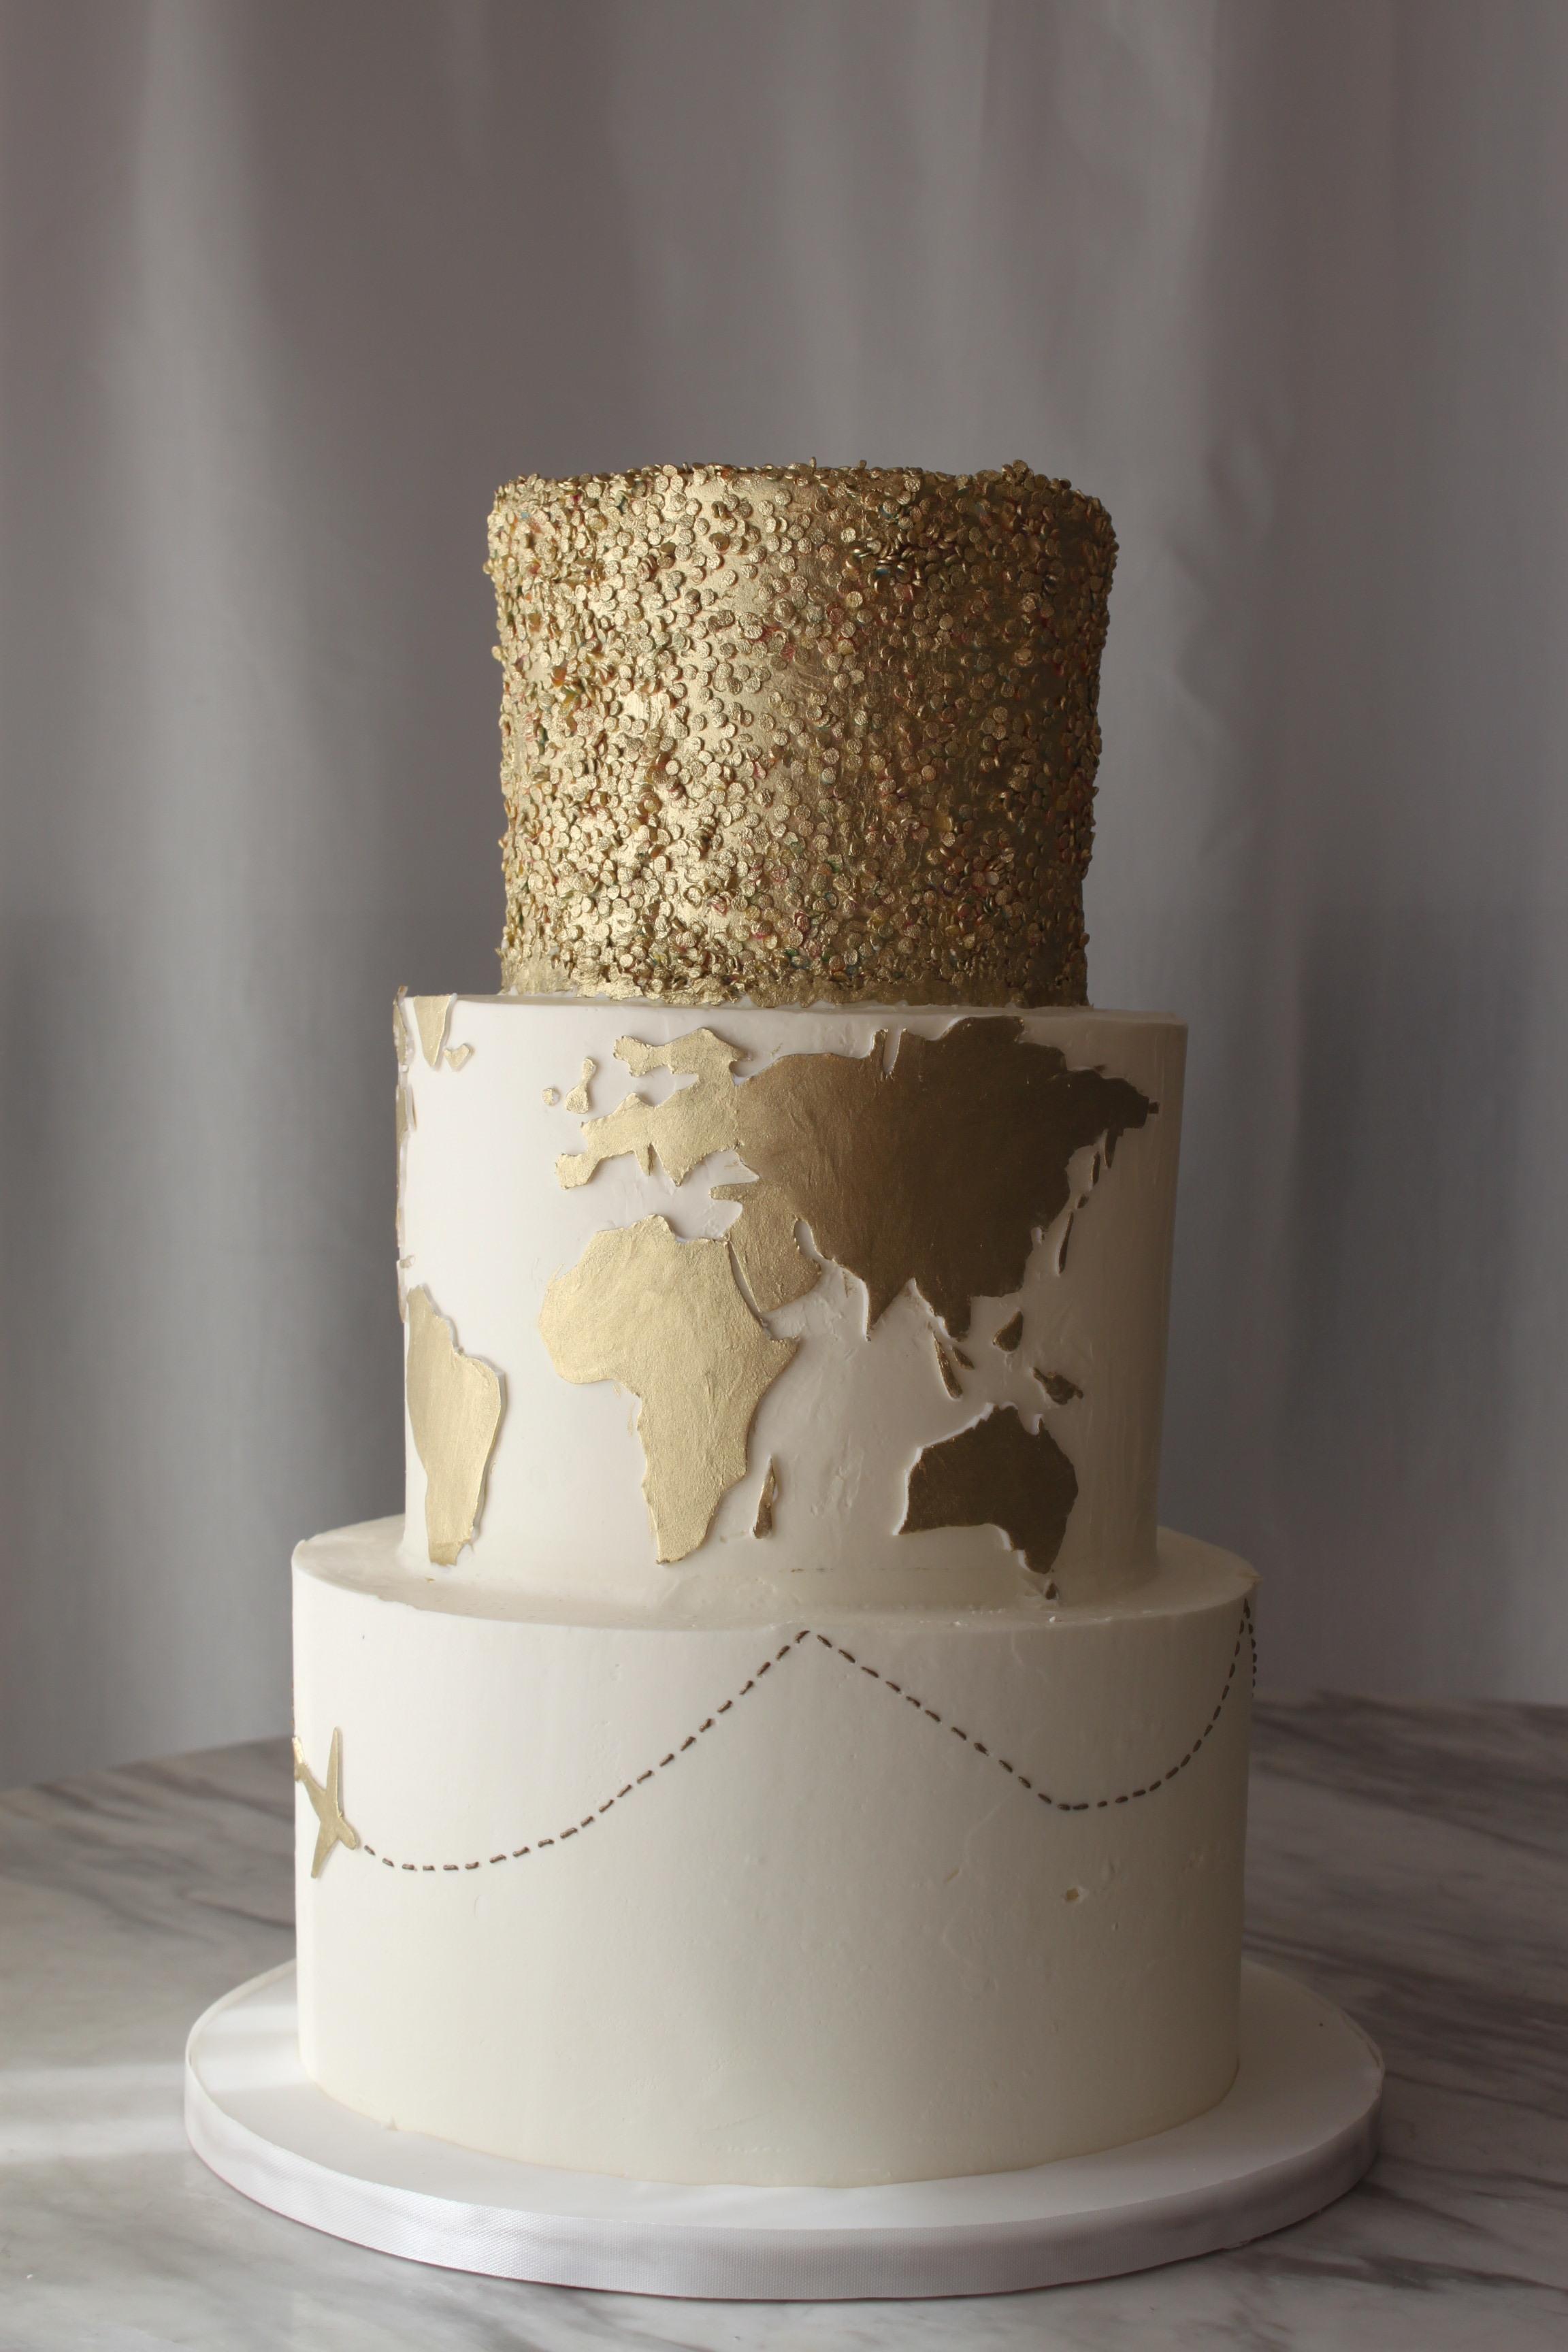 Gold World Traveler Cake